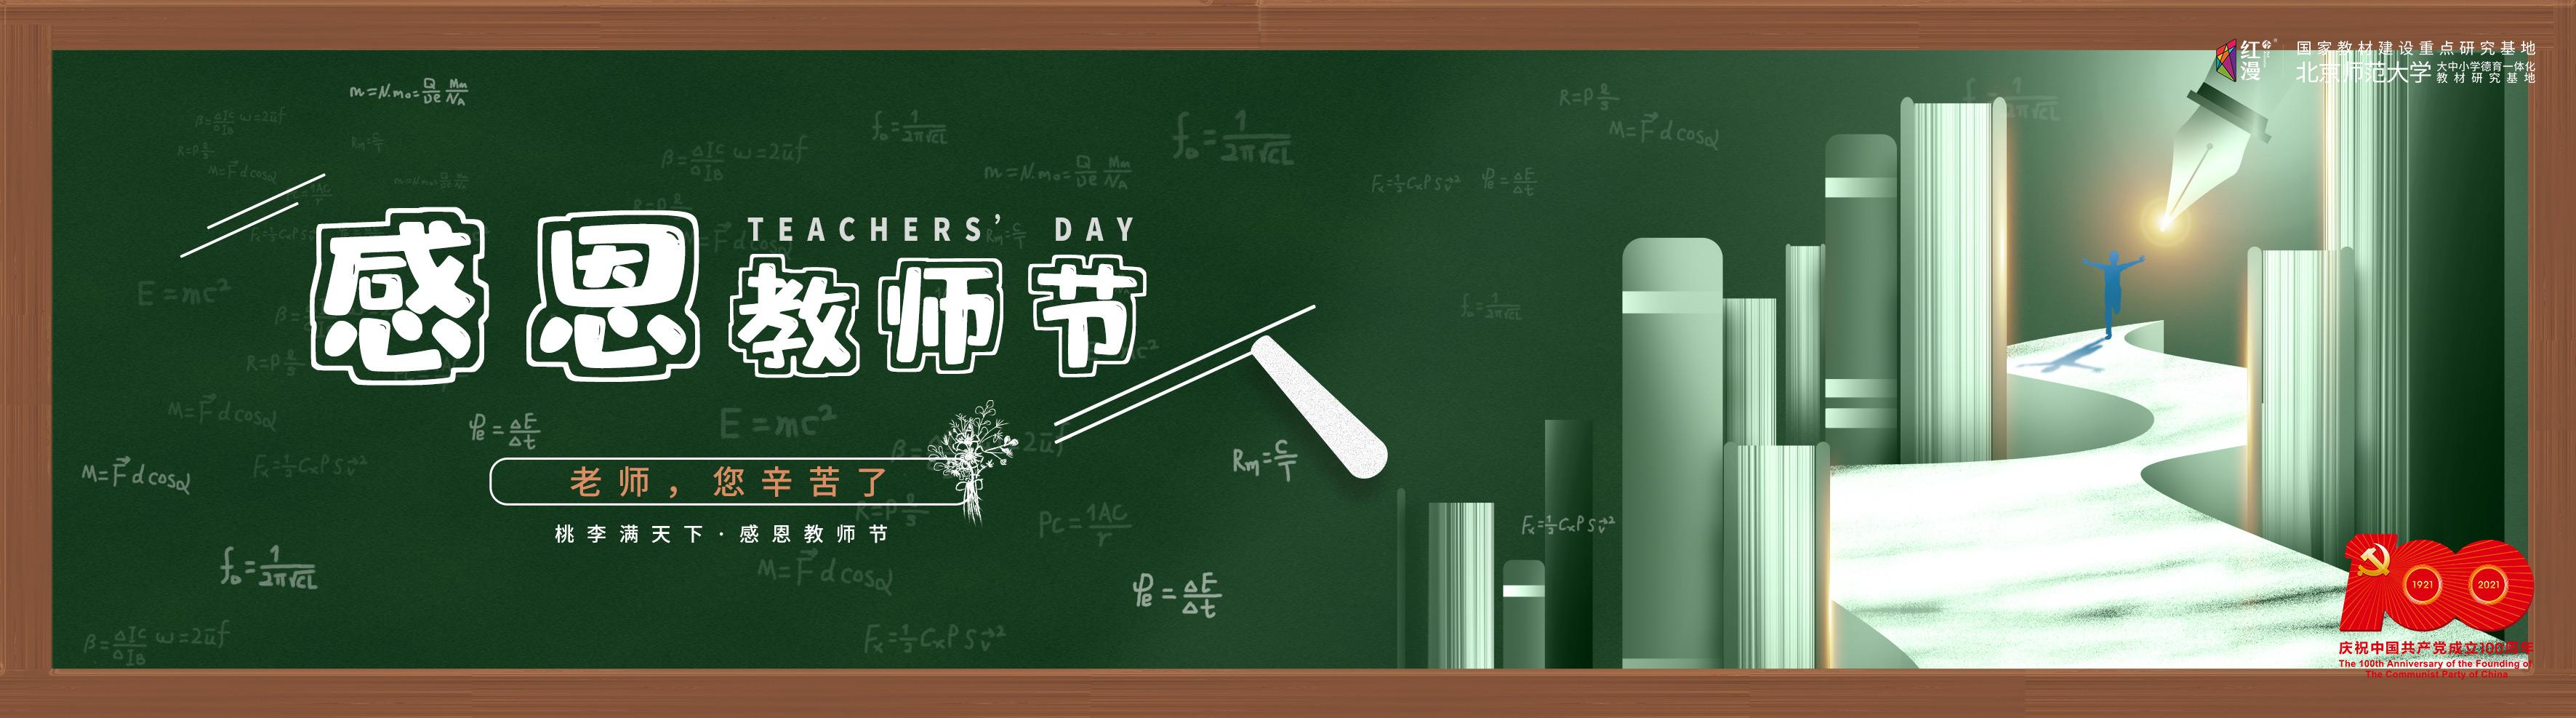 【序号4】【全国】教师节